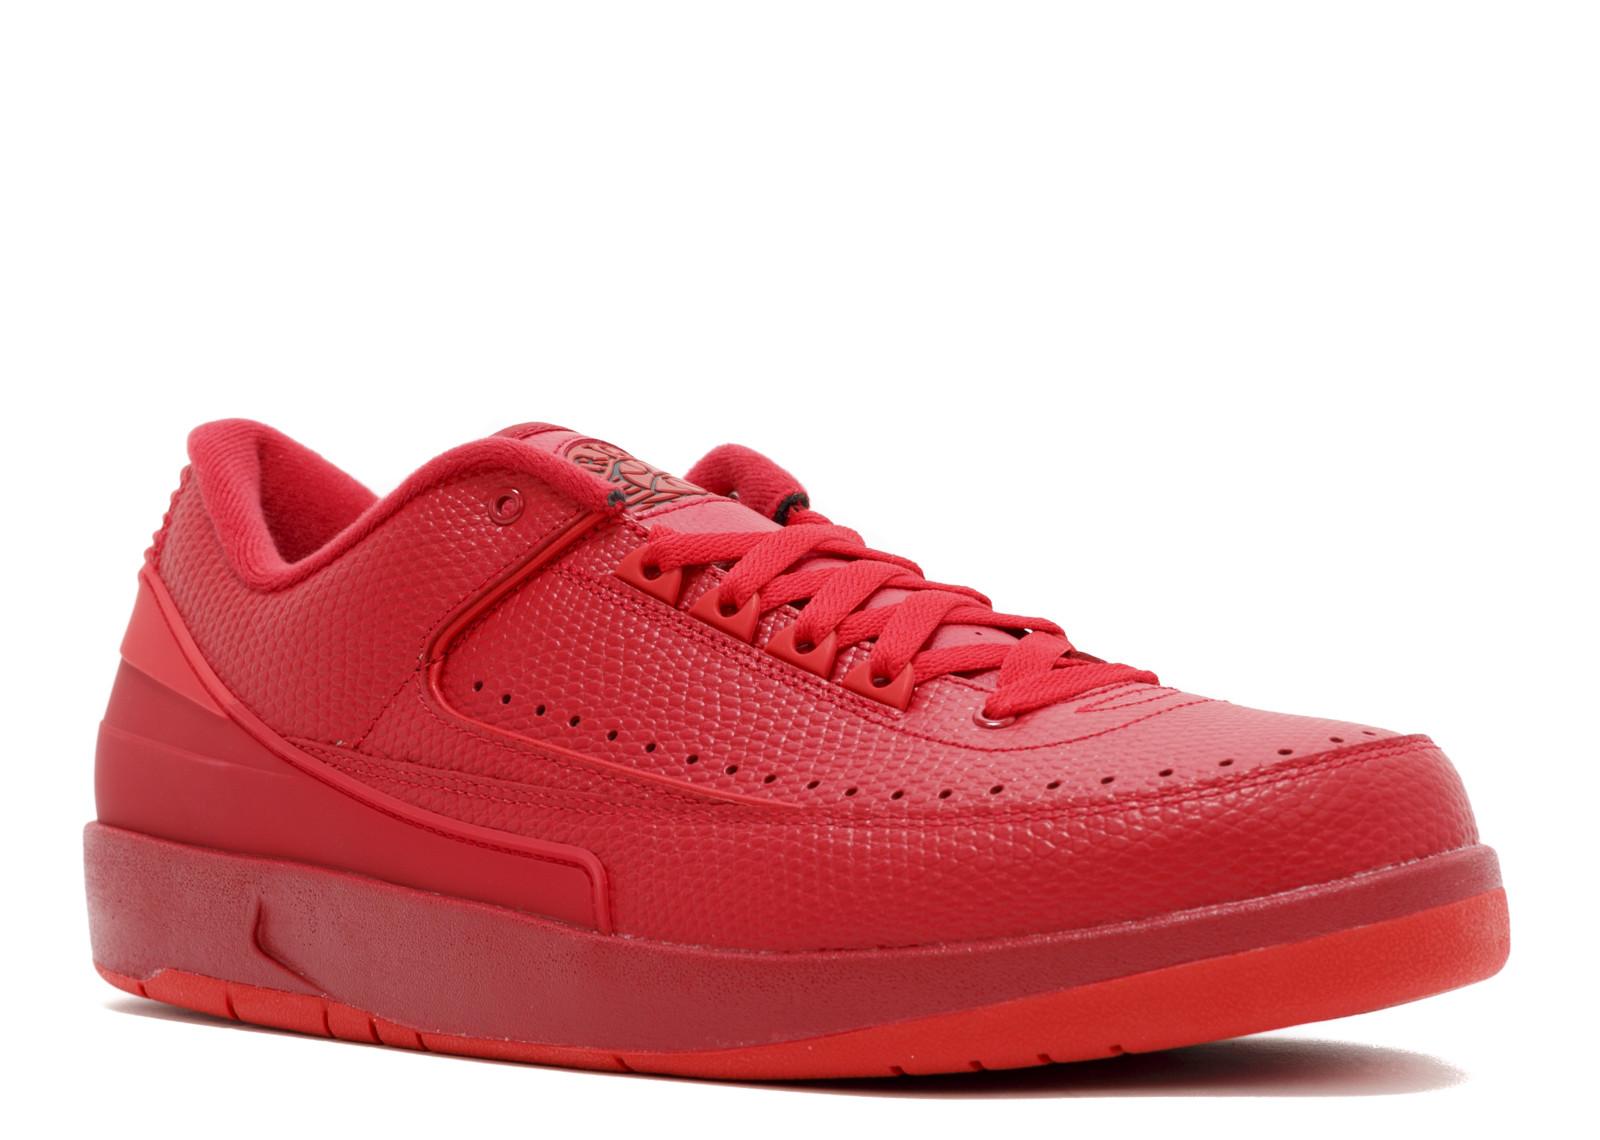 570cd6988799 Air Jordan - Men - Air Jordan 2 Retro Low  Gym Red  - 832819-606 - Size 7.5